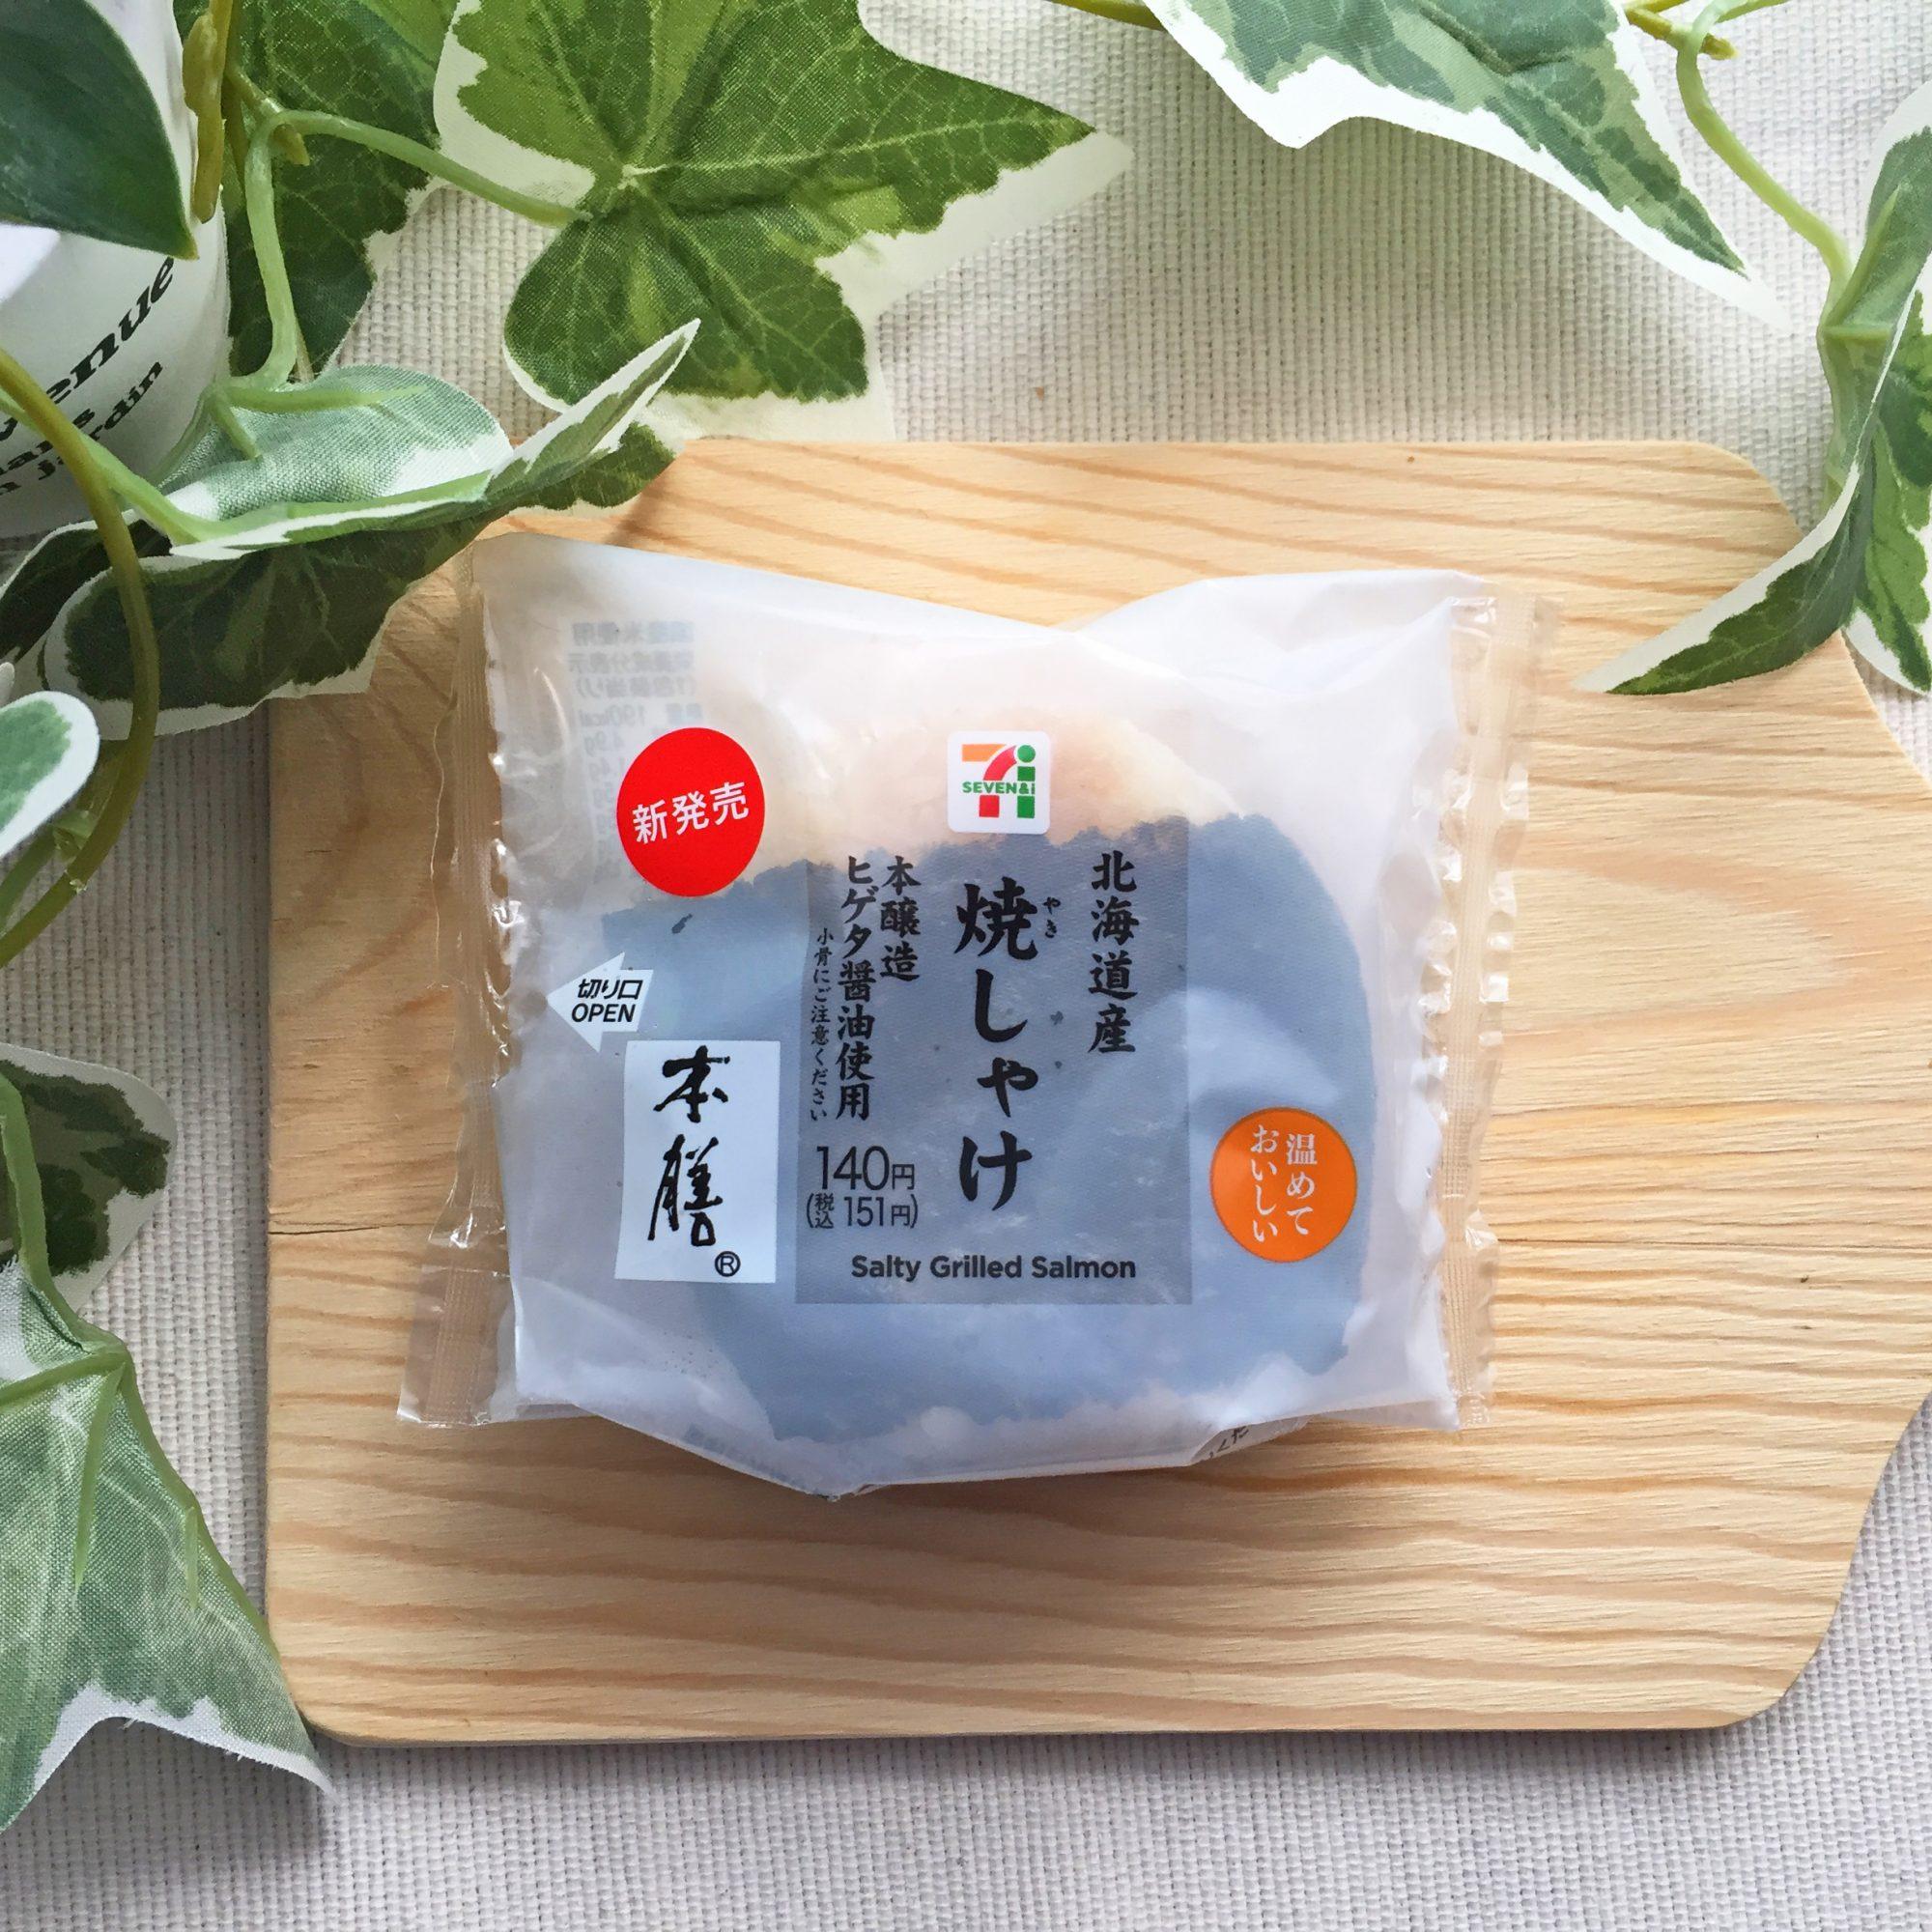 セブン-イレブン『醤油海苔仕立ておむすび北海道産焼しゃけ』は鮭の旨味と香ばしい醤油が相性◎「サケ」と「シャケ」の違いとは?